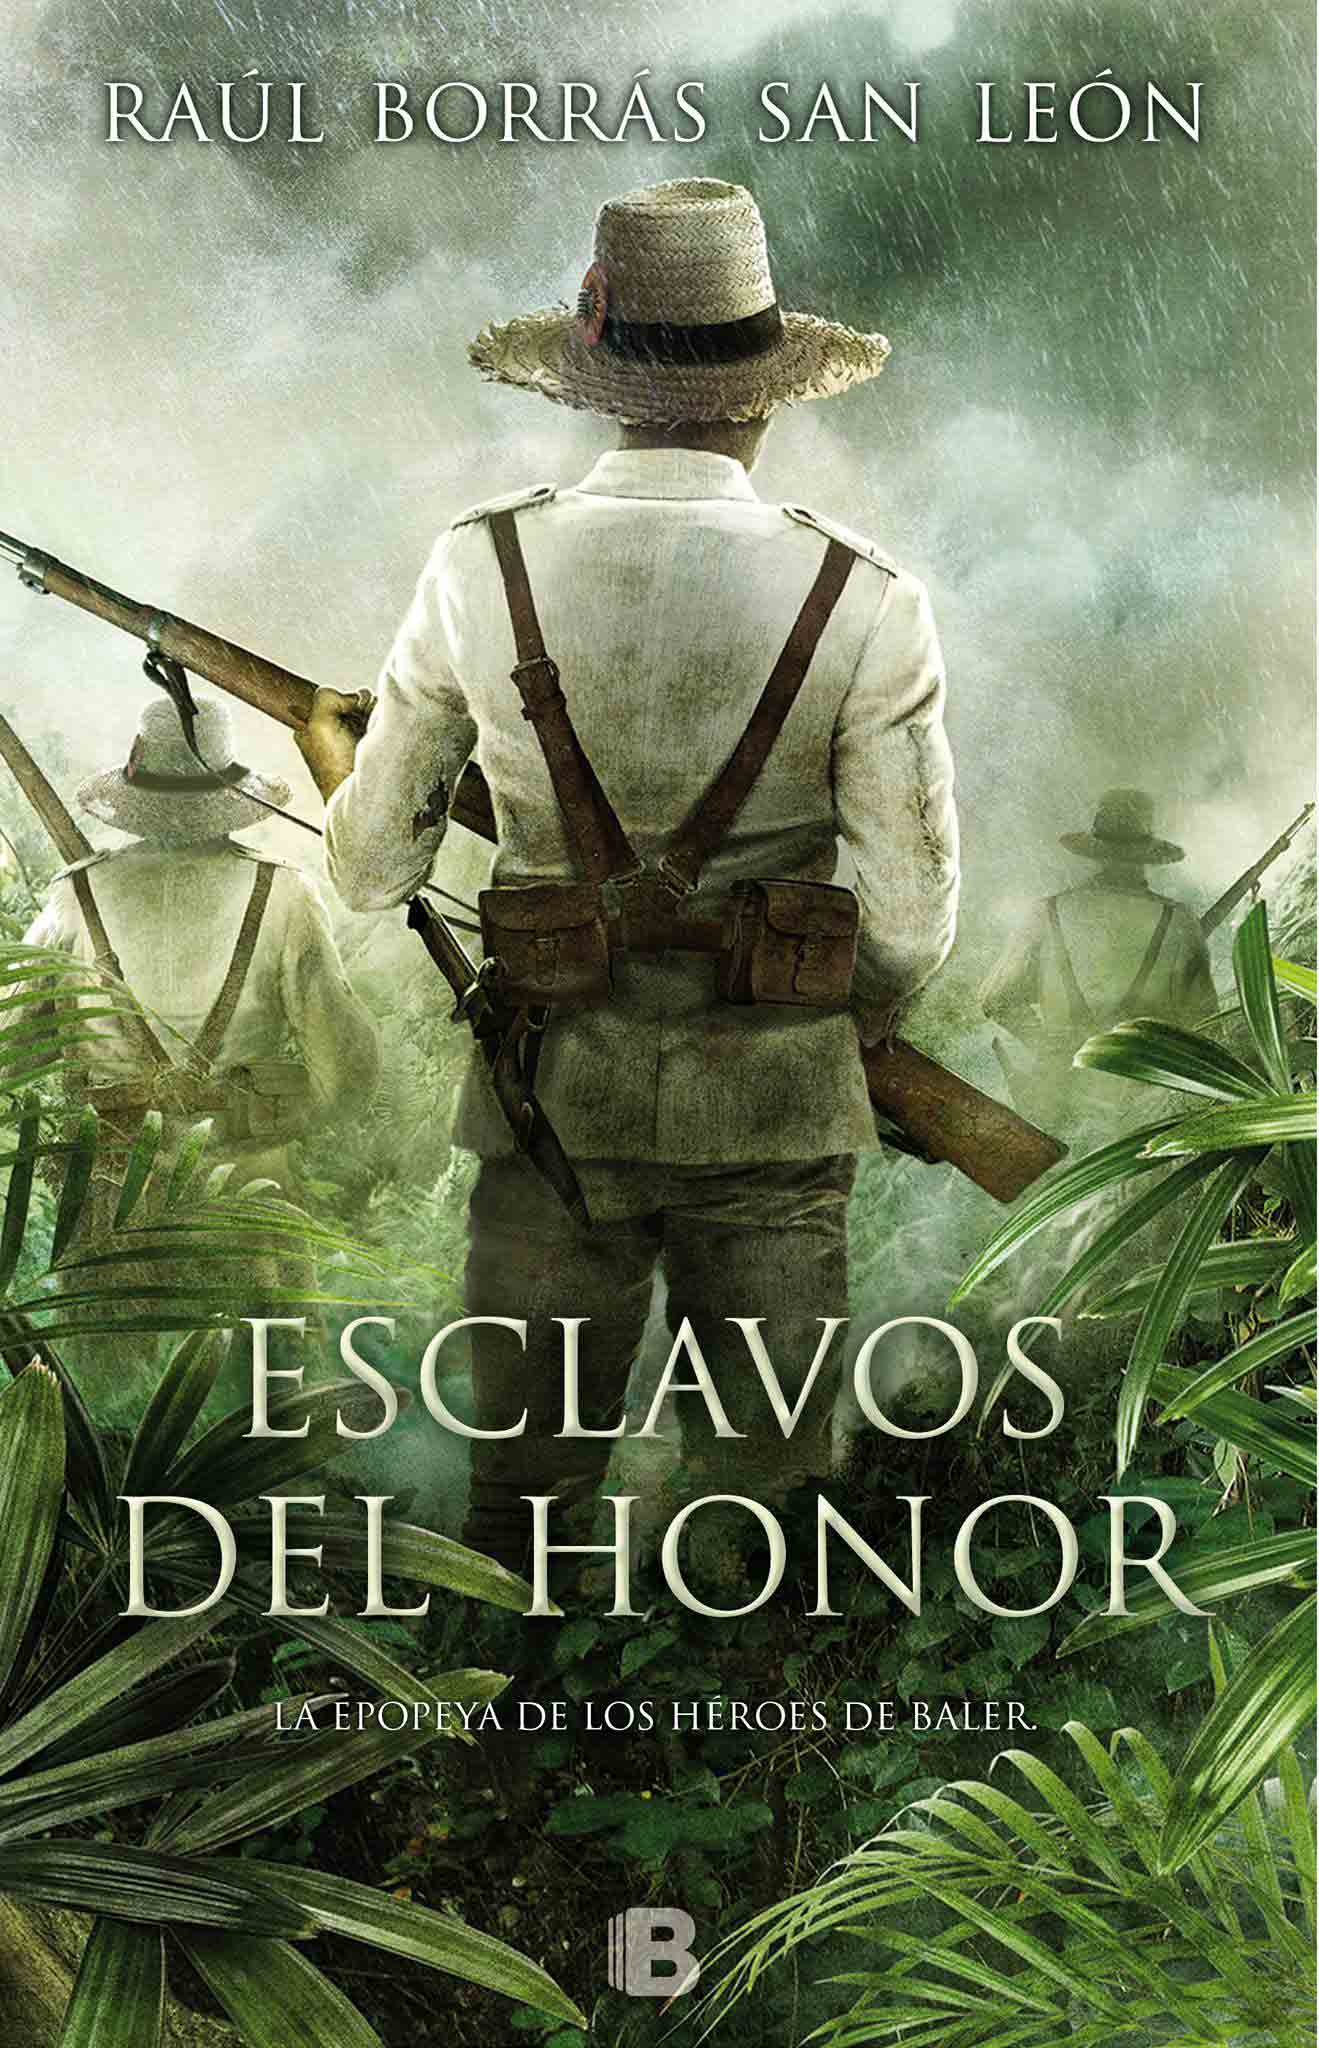 """Presentación de la novela """"Esclavos del honor"""" de Raúl Borras"""